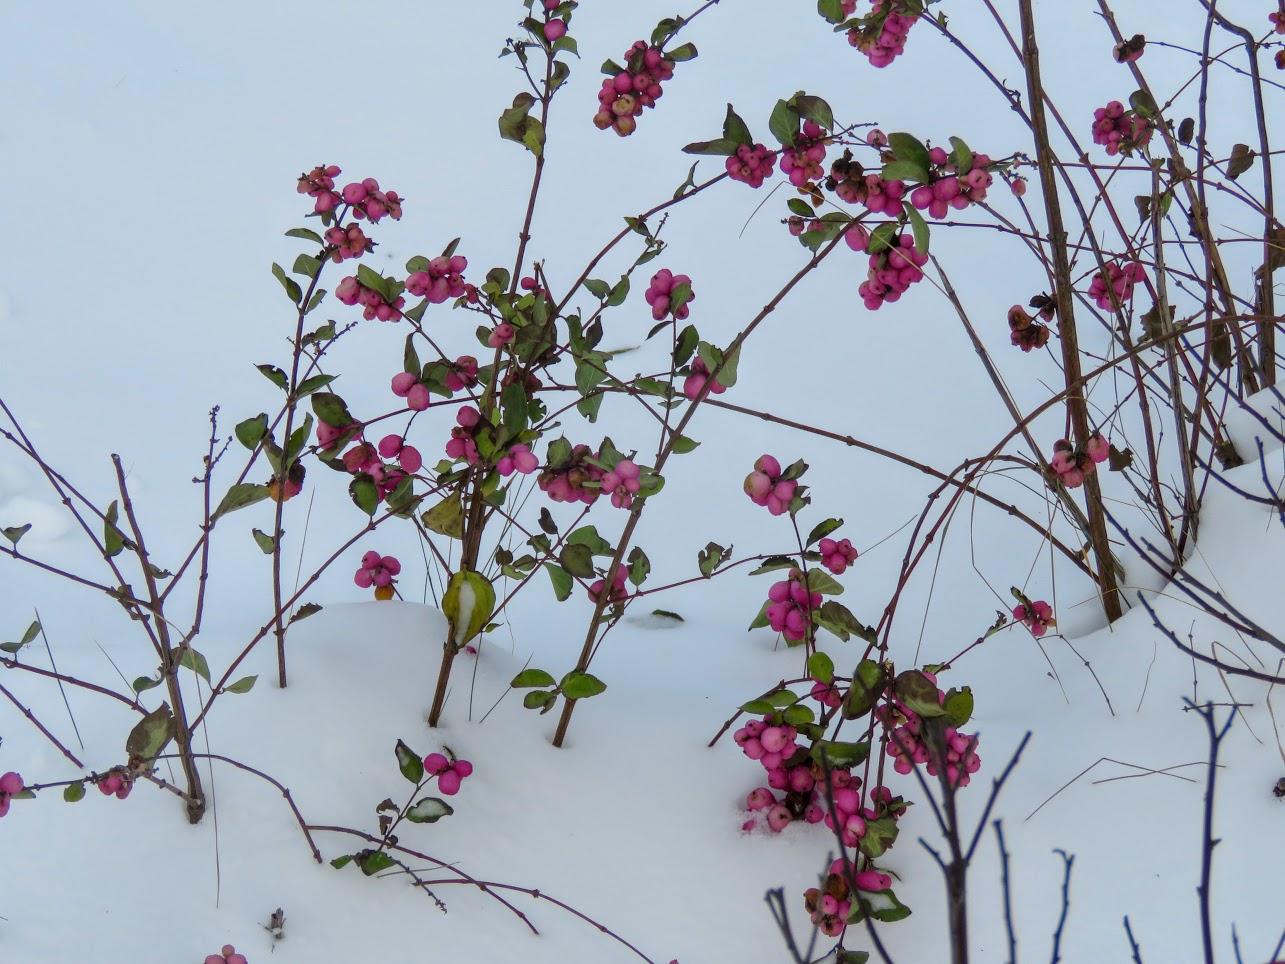 Розовый снежноягодник, снегири и другие прелести дня. Мой Мурыч с утра) IMG 2527